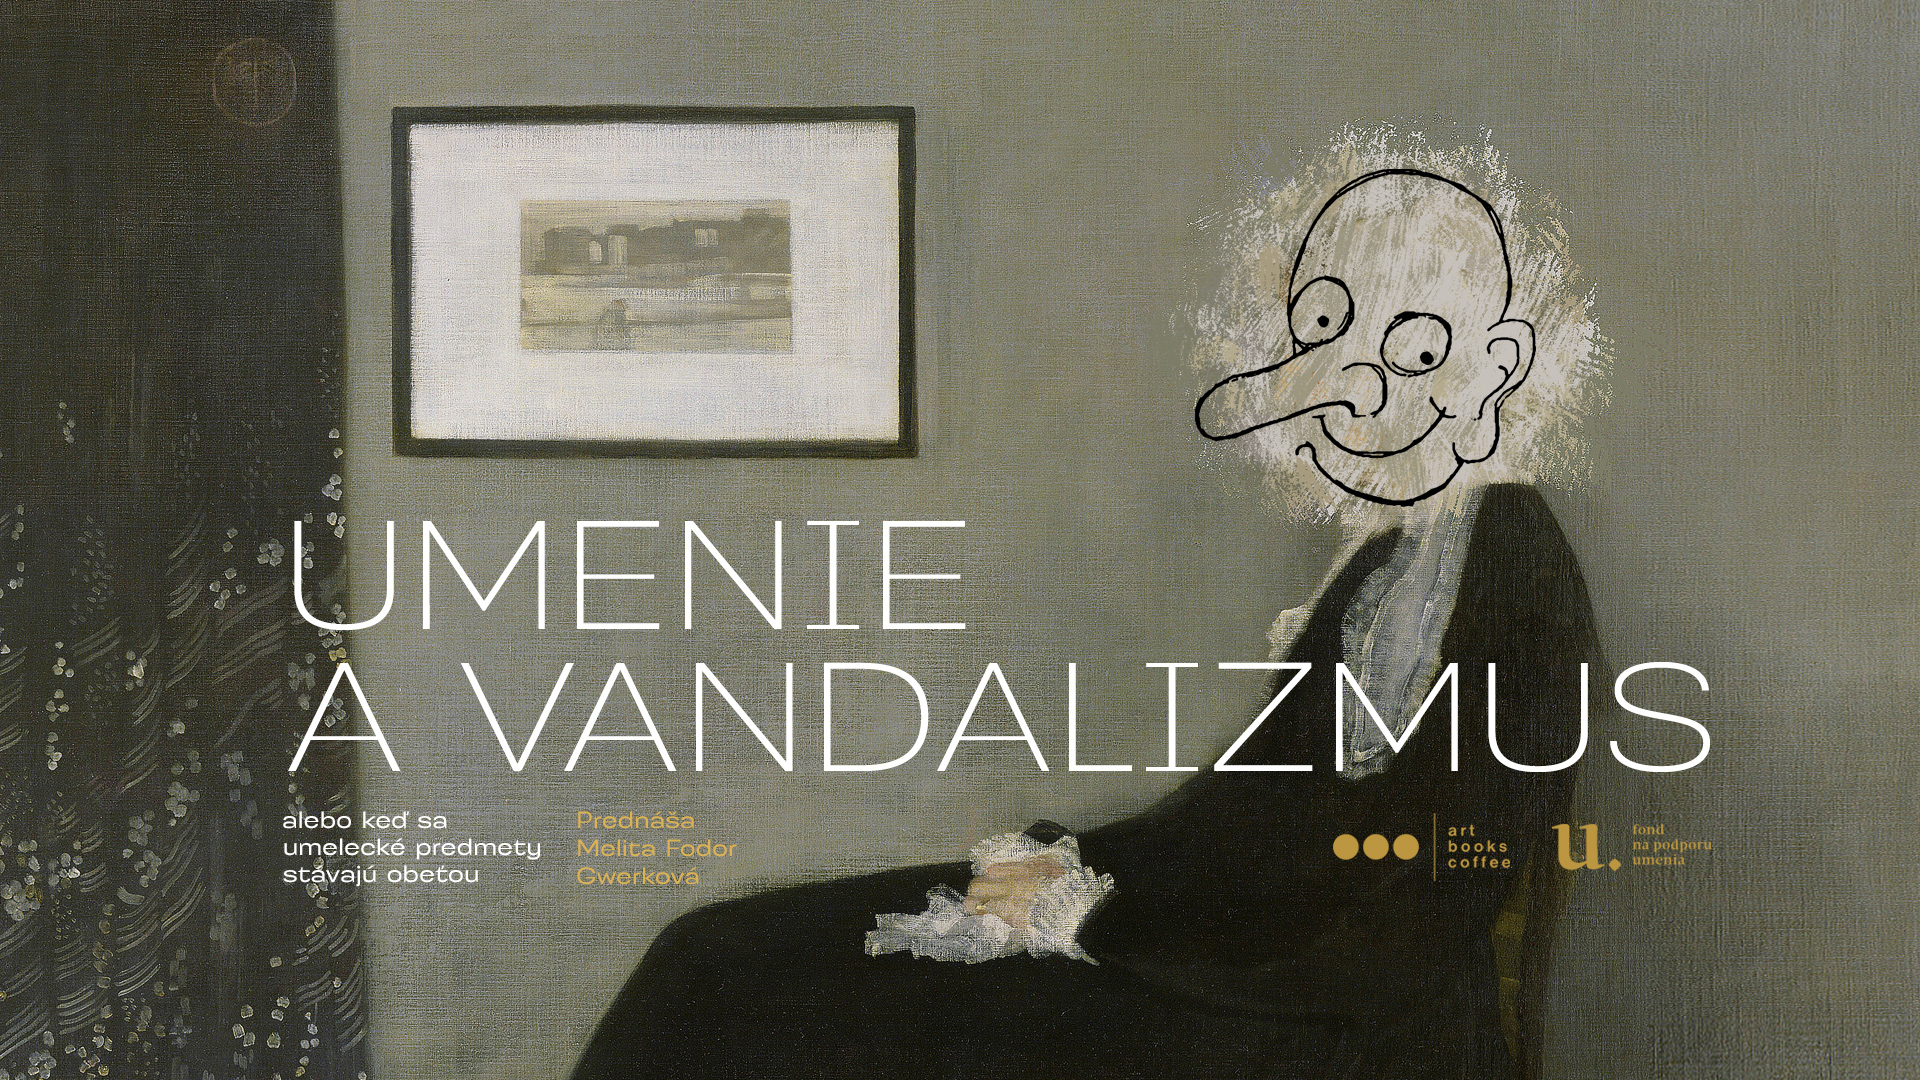 Vandalizmus… alebo keď sa umelecké predmety stávajú obeťou